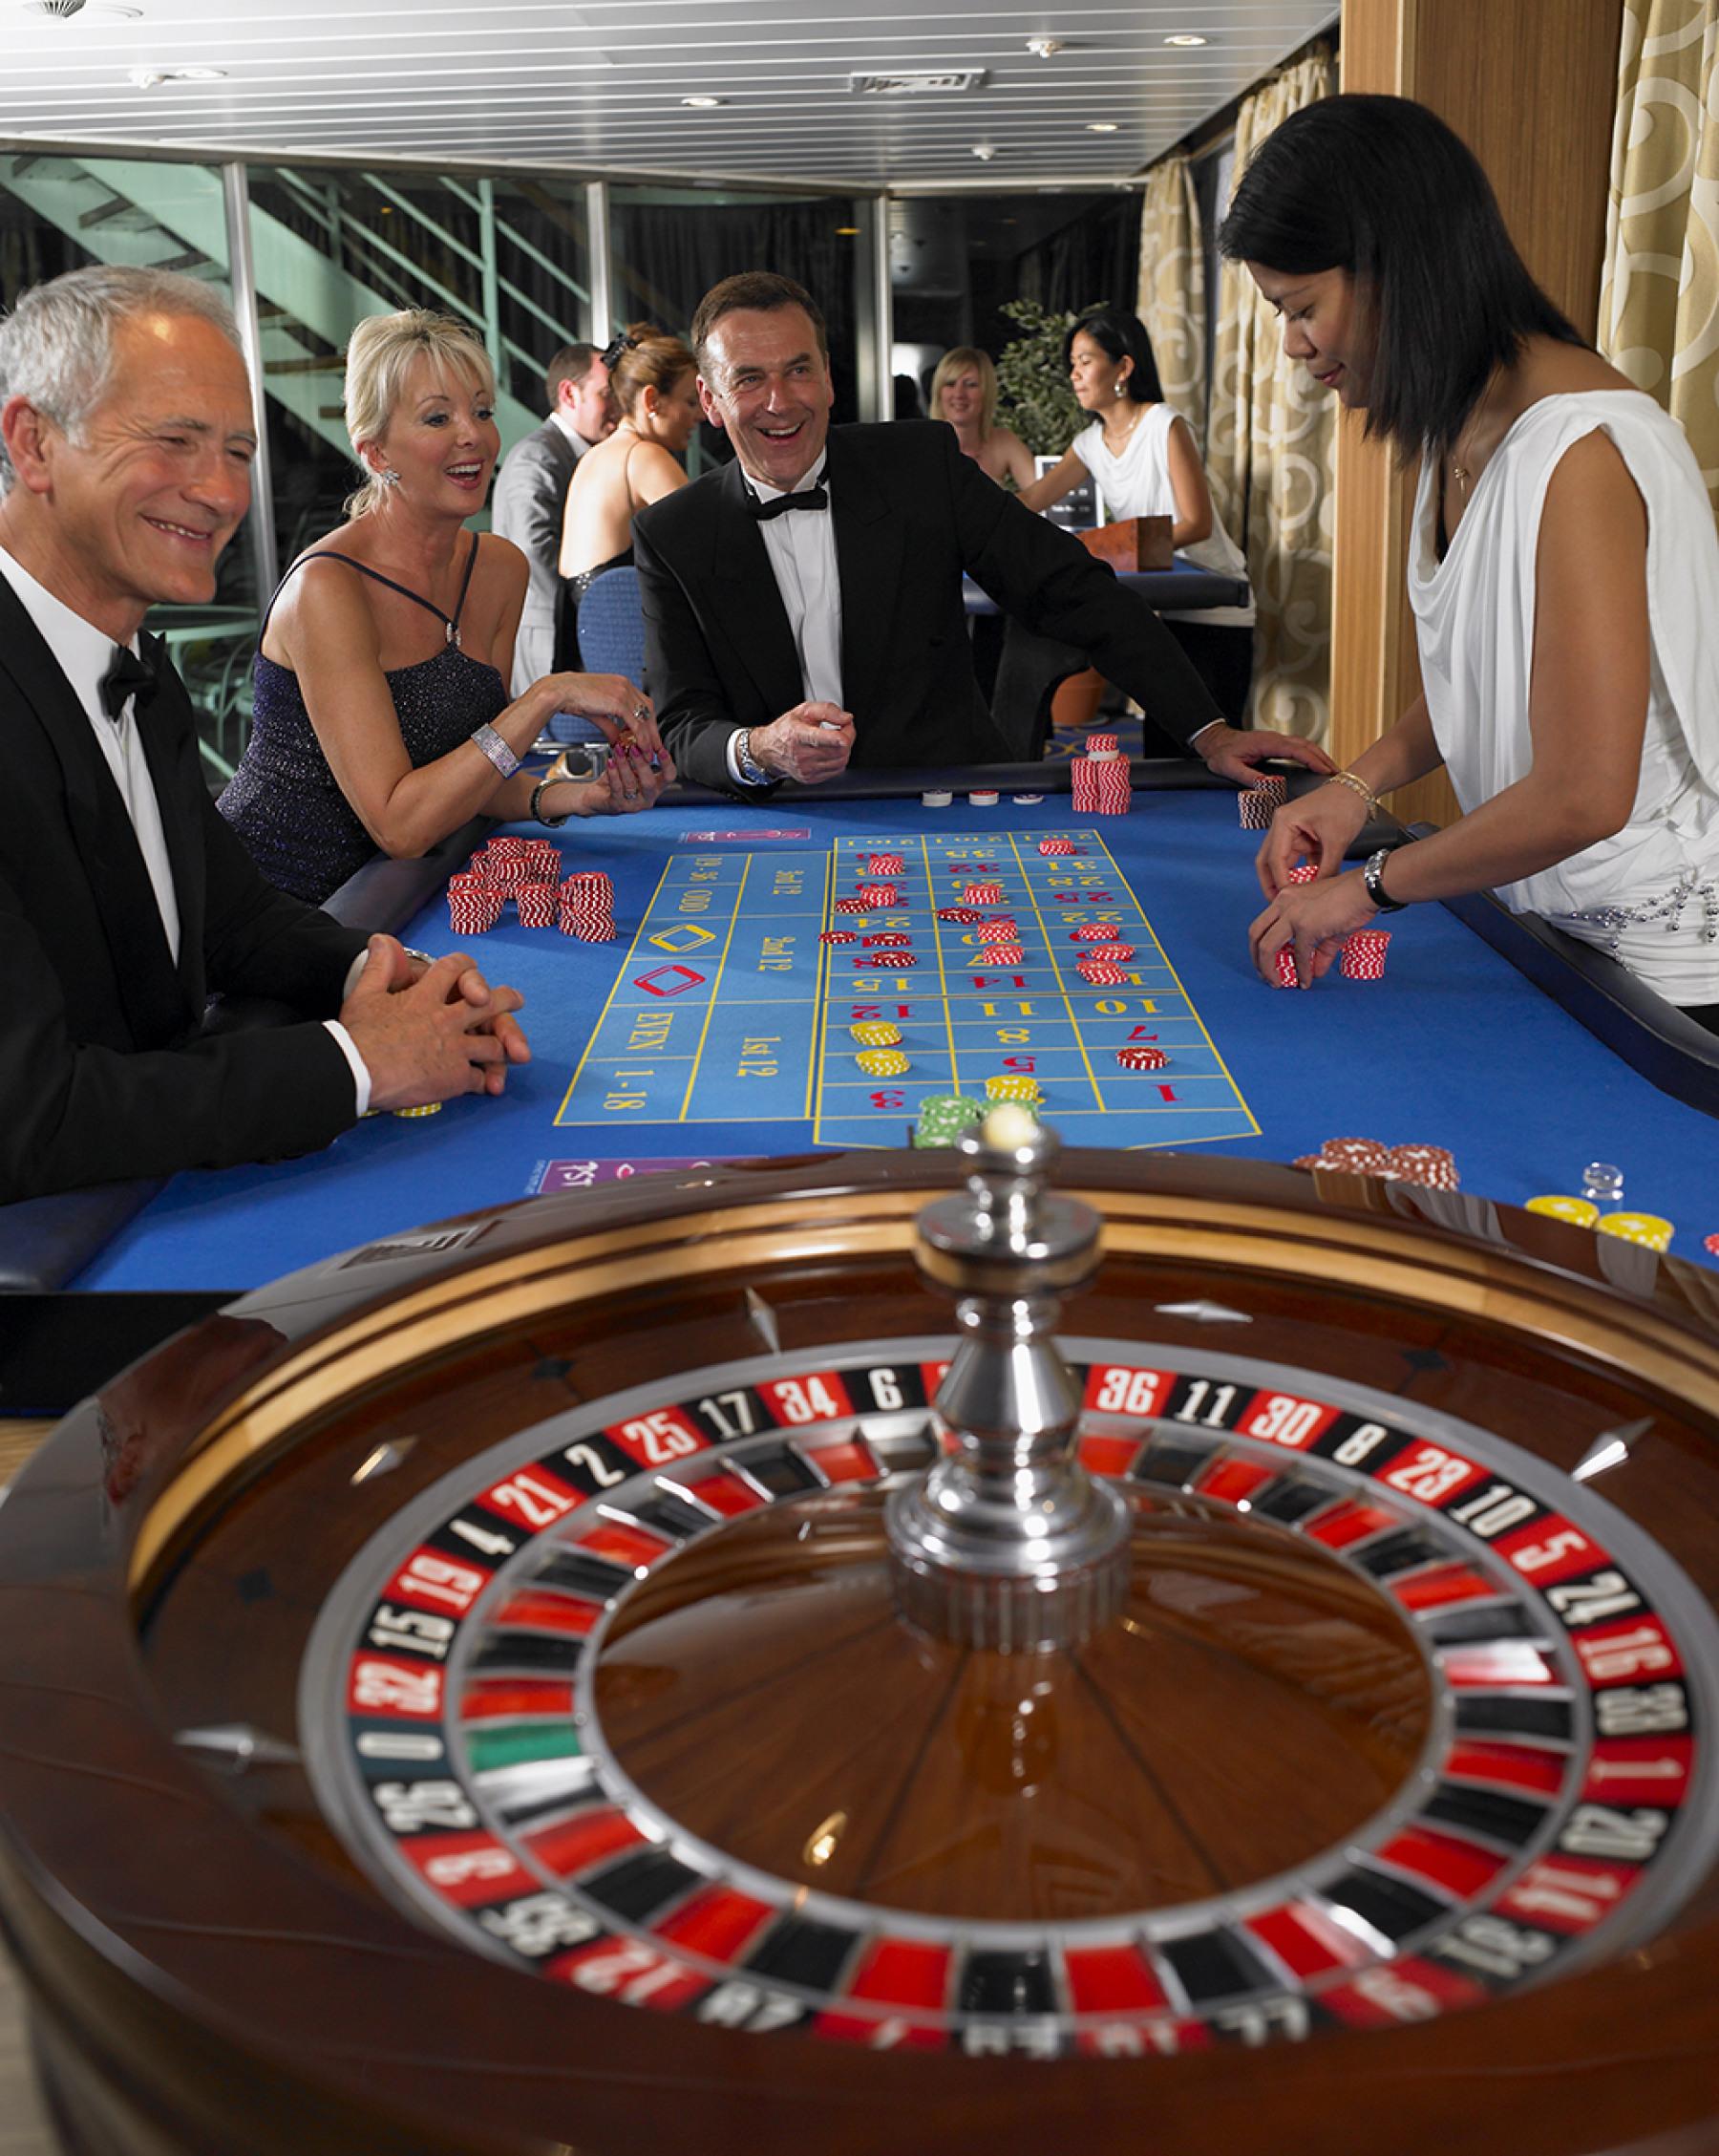 fred olsen cruise lines balmoral casino 2014.jpg